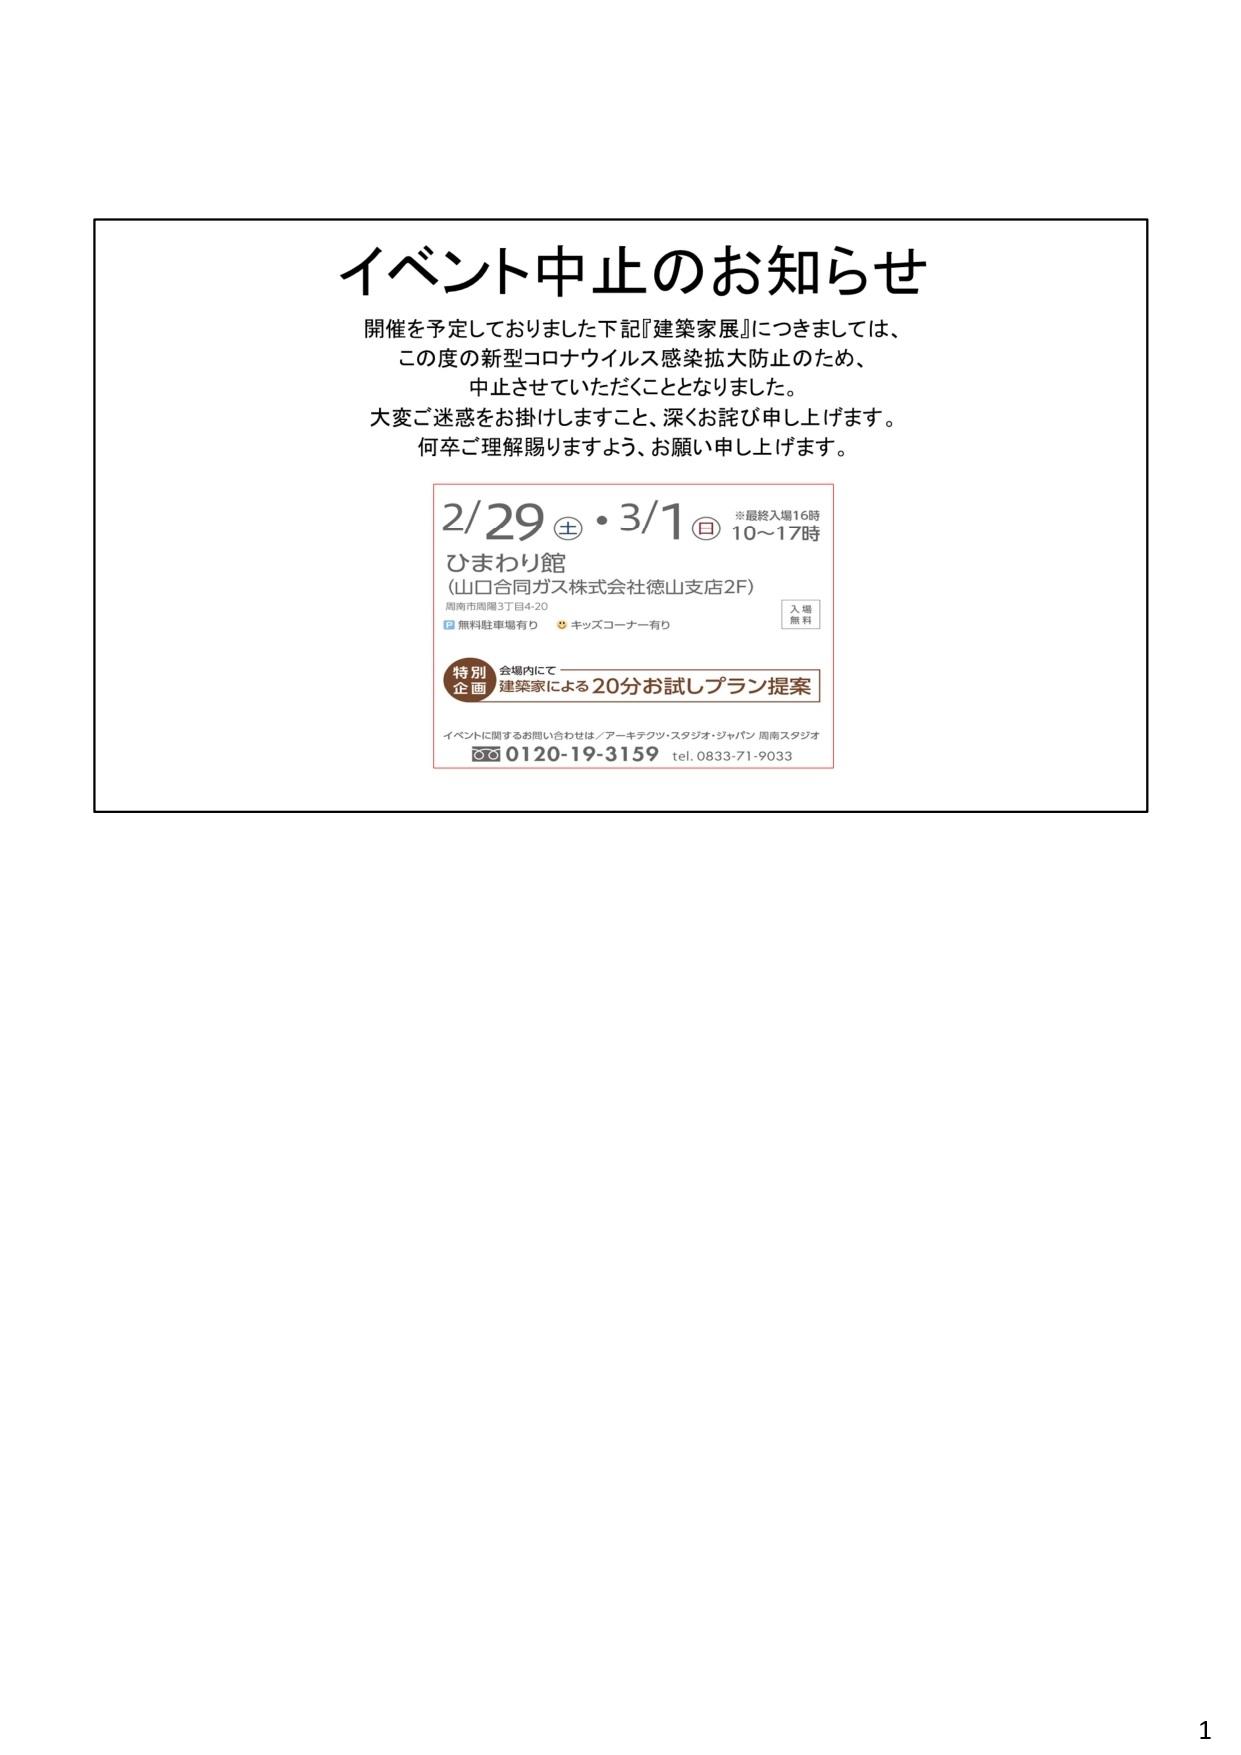 イベント 中止 お知らせ